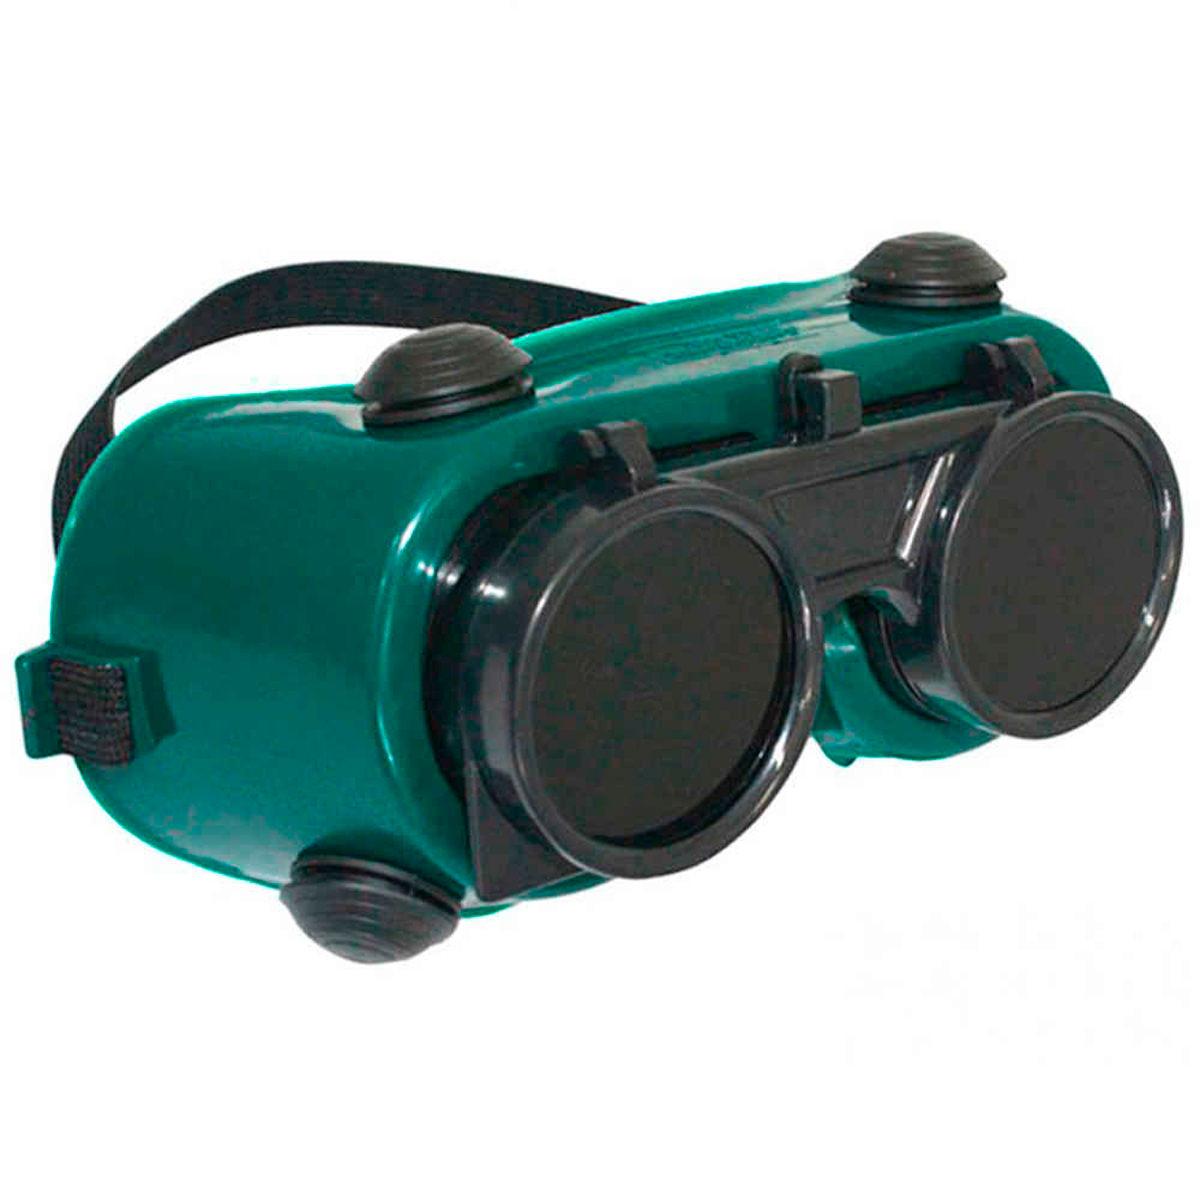 0d50d553f60ba Óculos de Proteção Com Ofertas Imperdíveis na Casa do Soldador